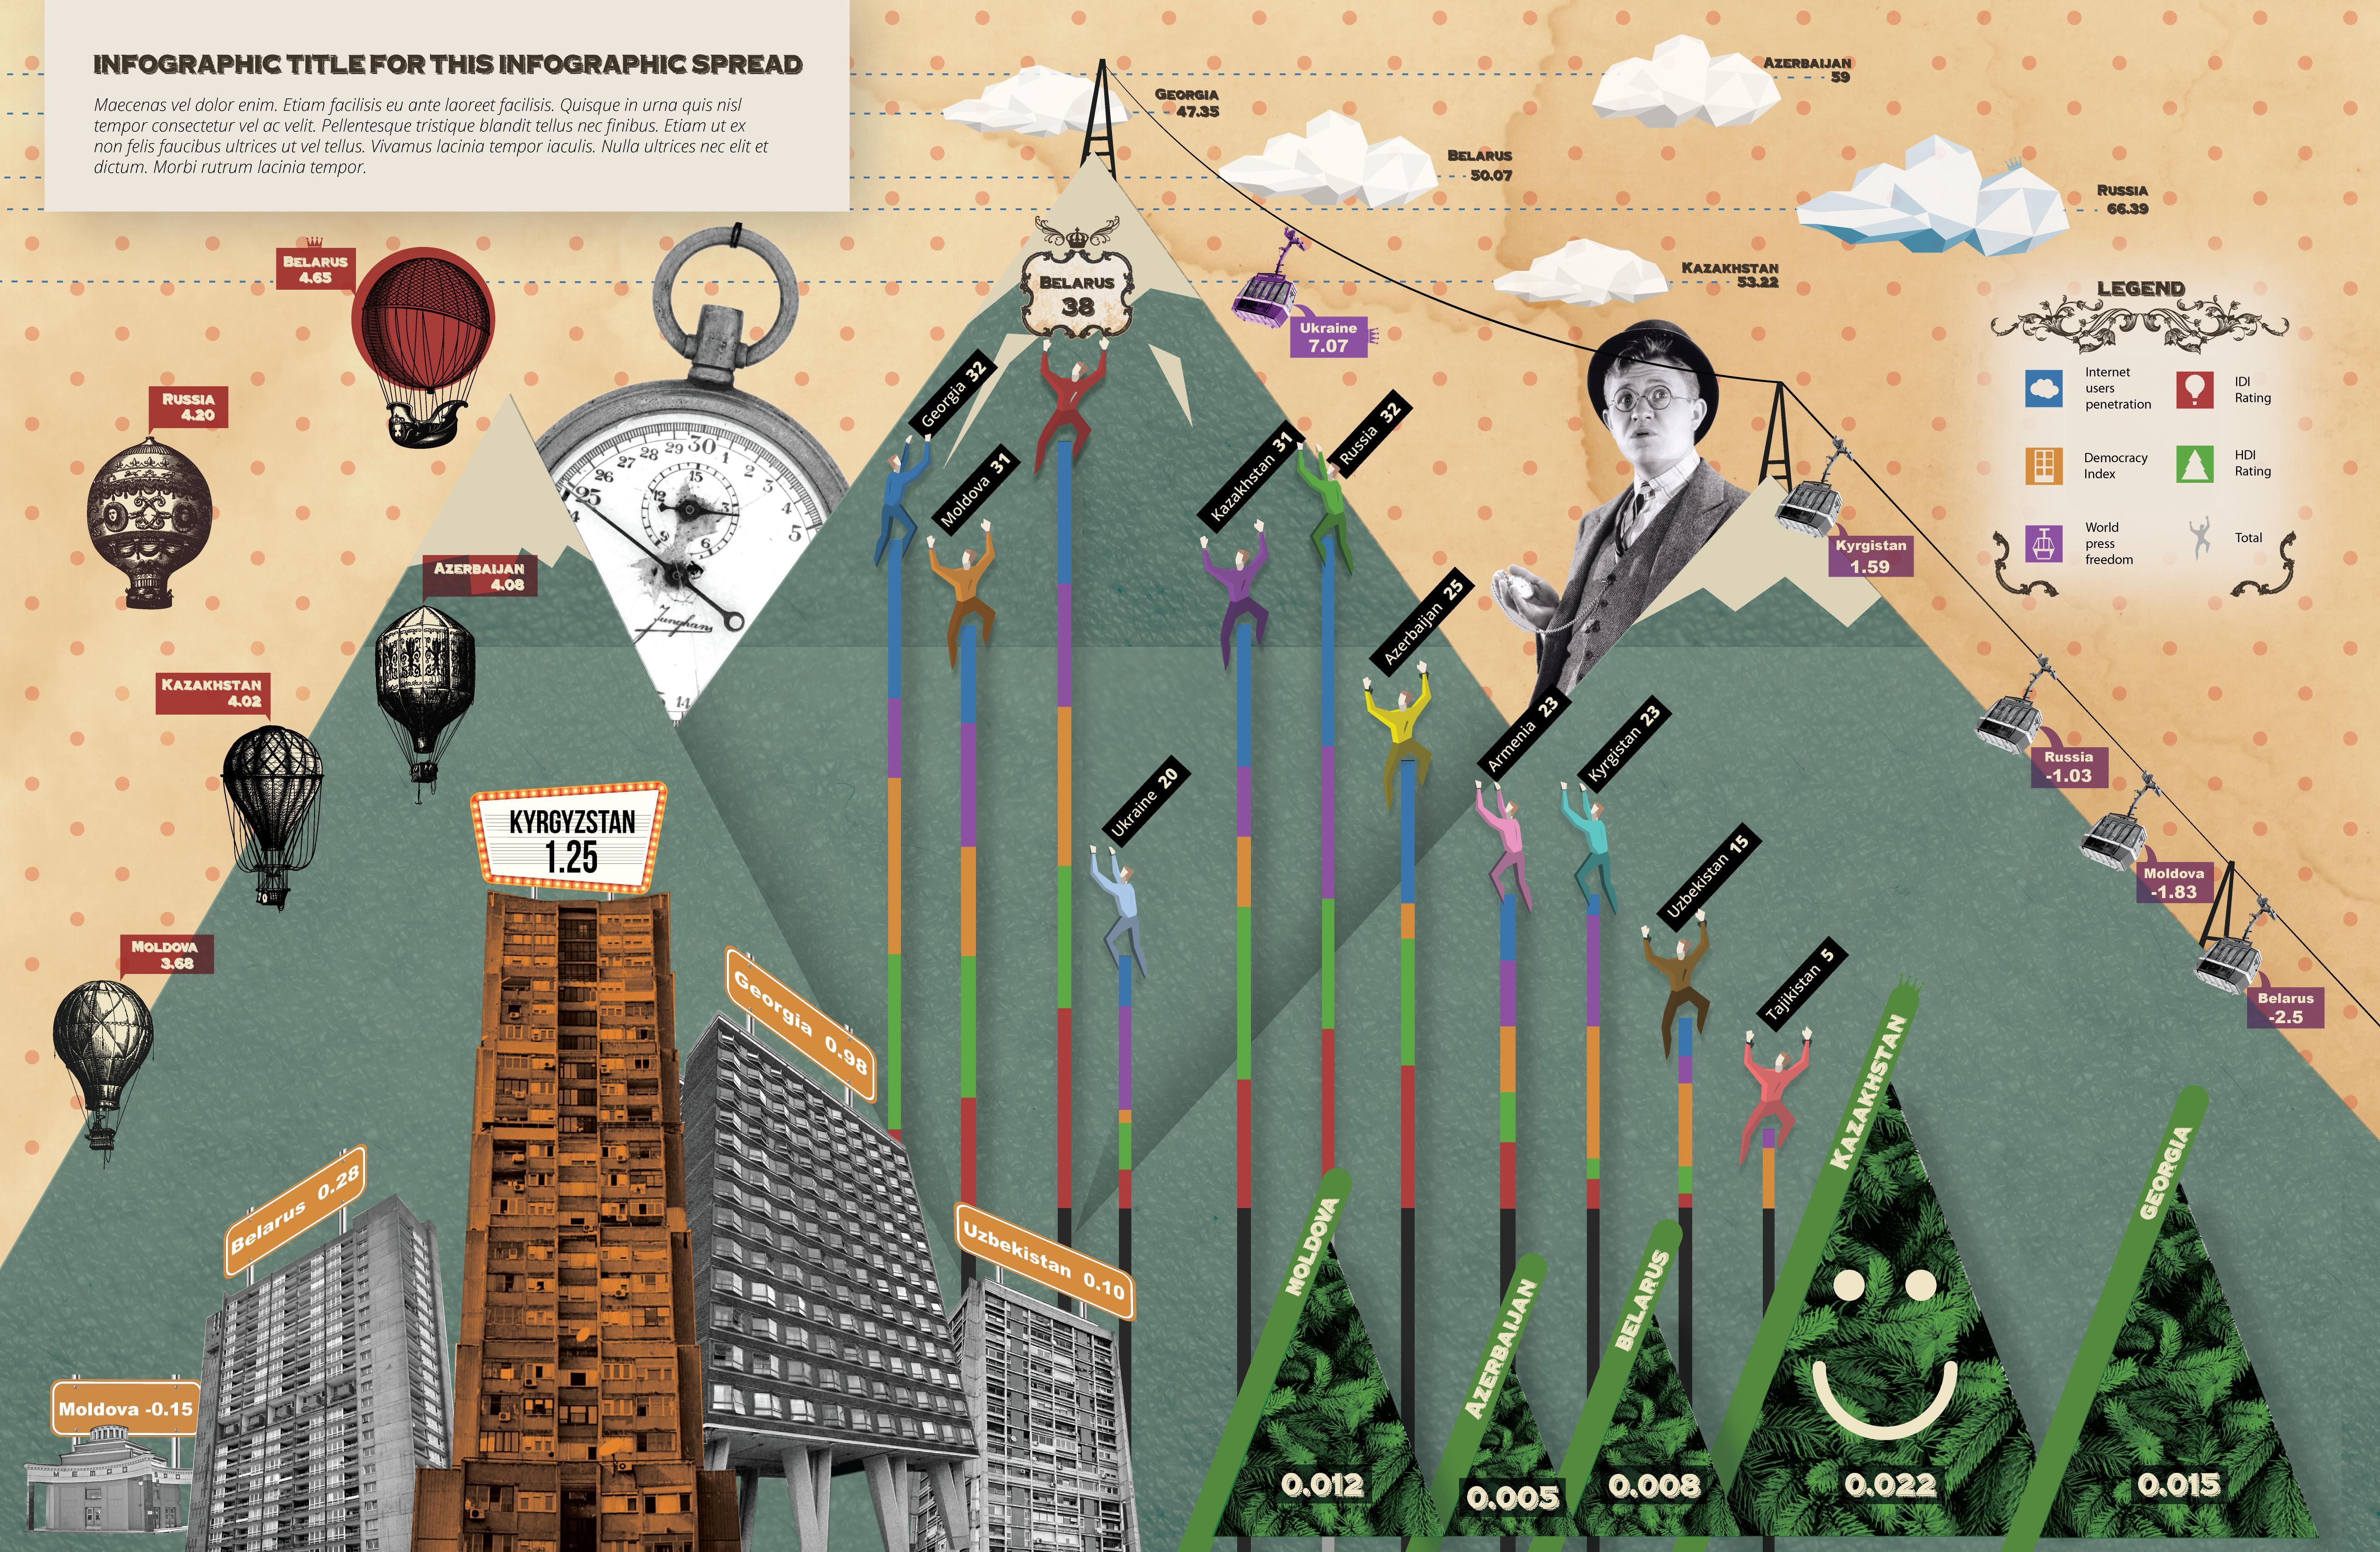 DR-Infographic-V2-01